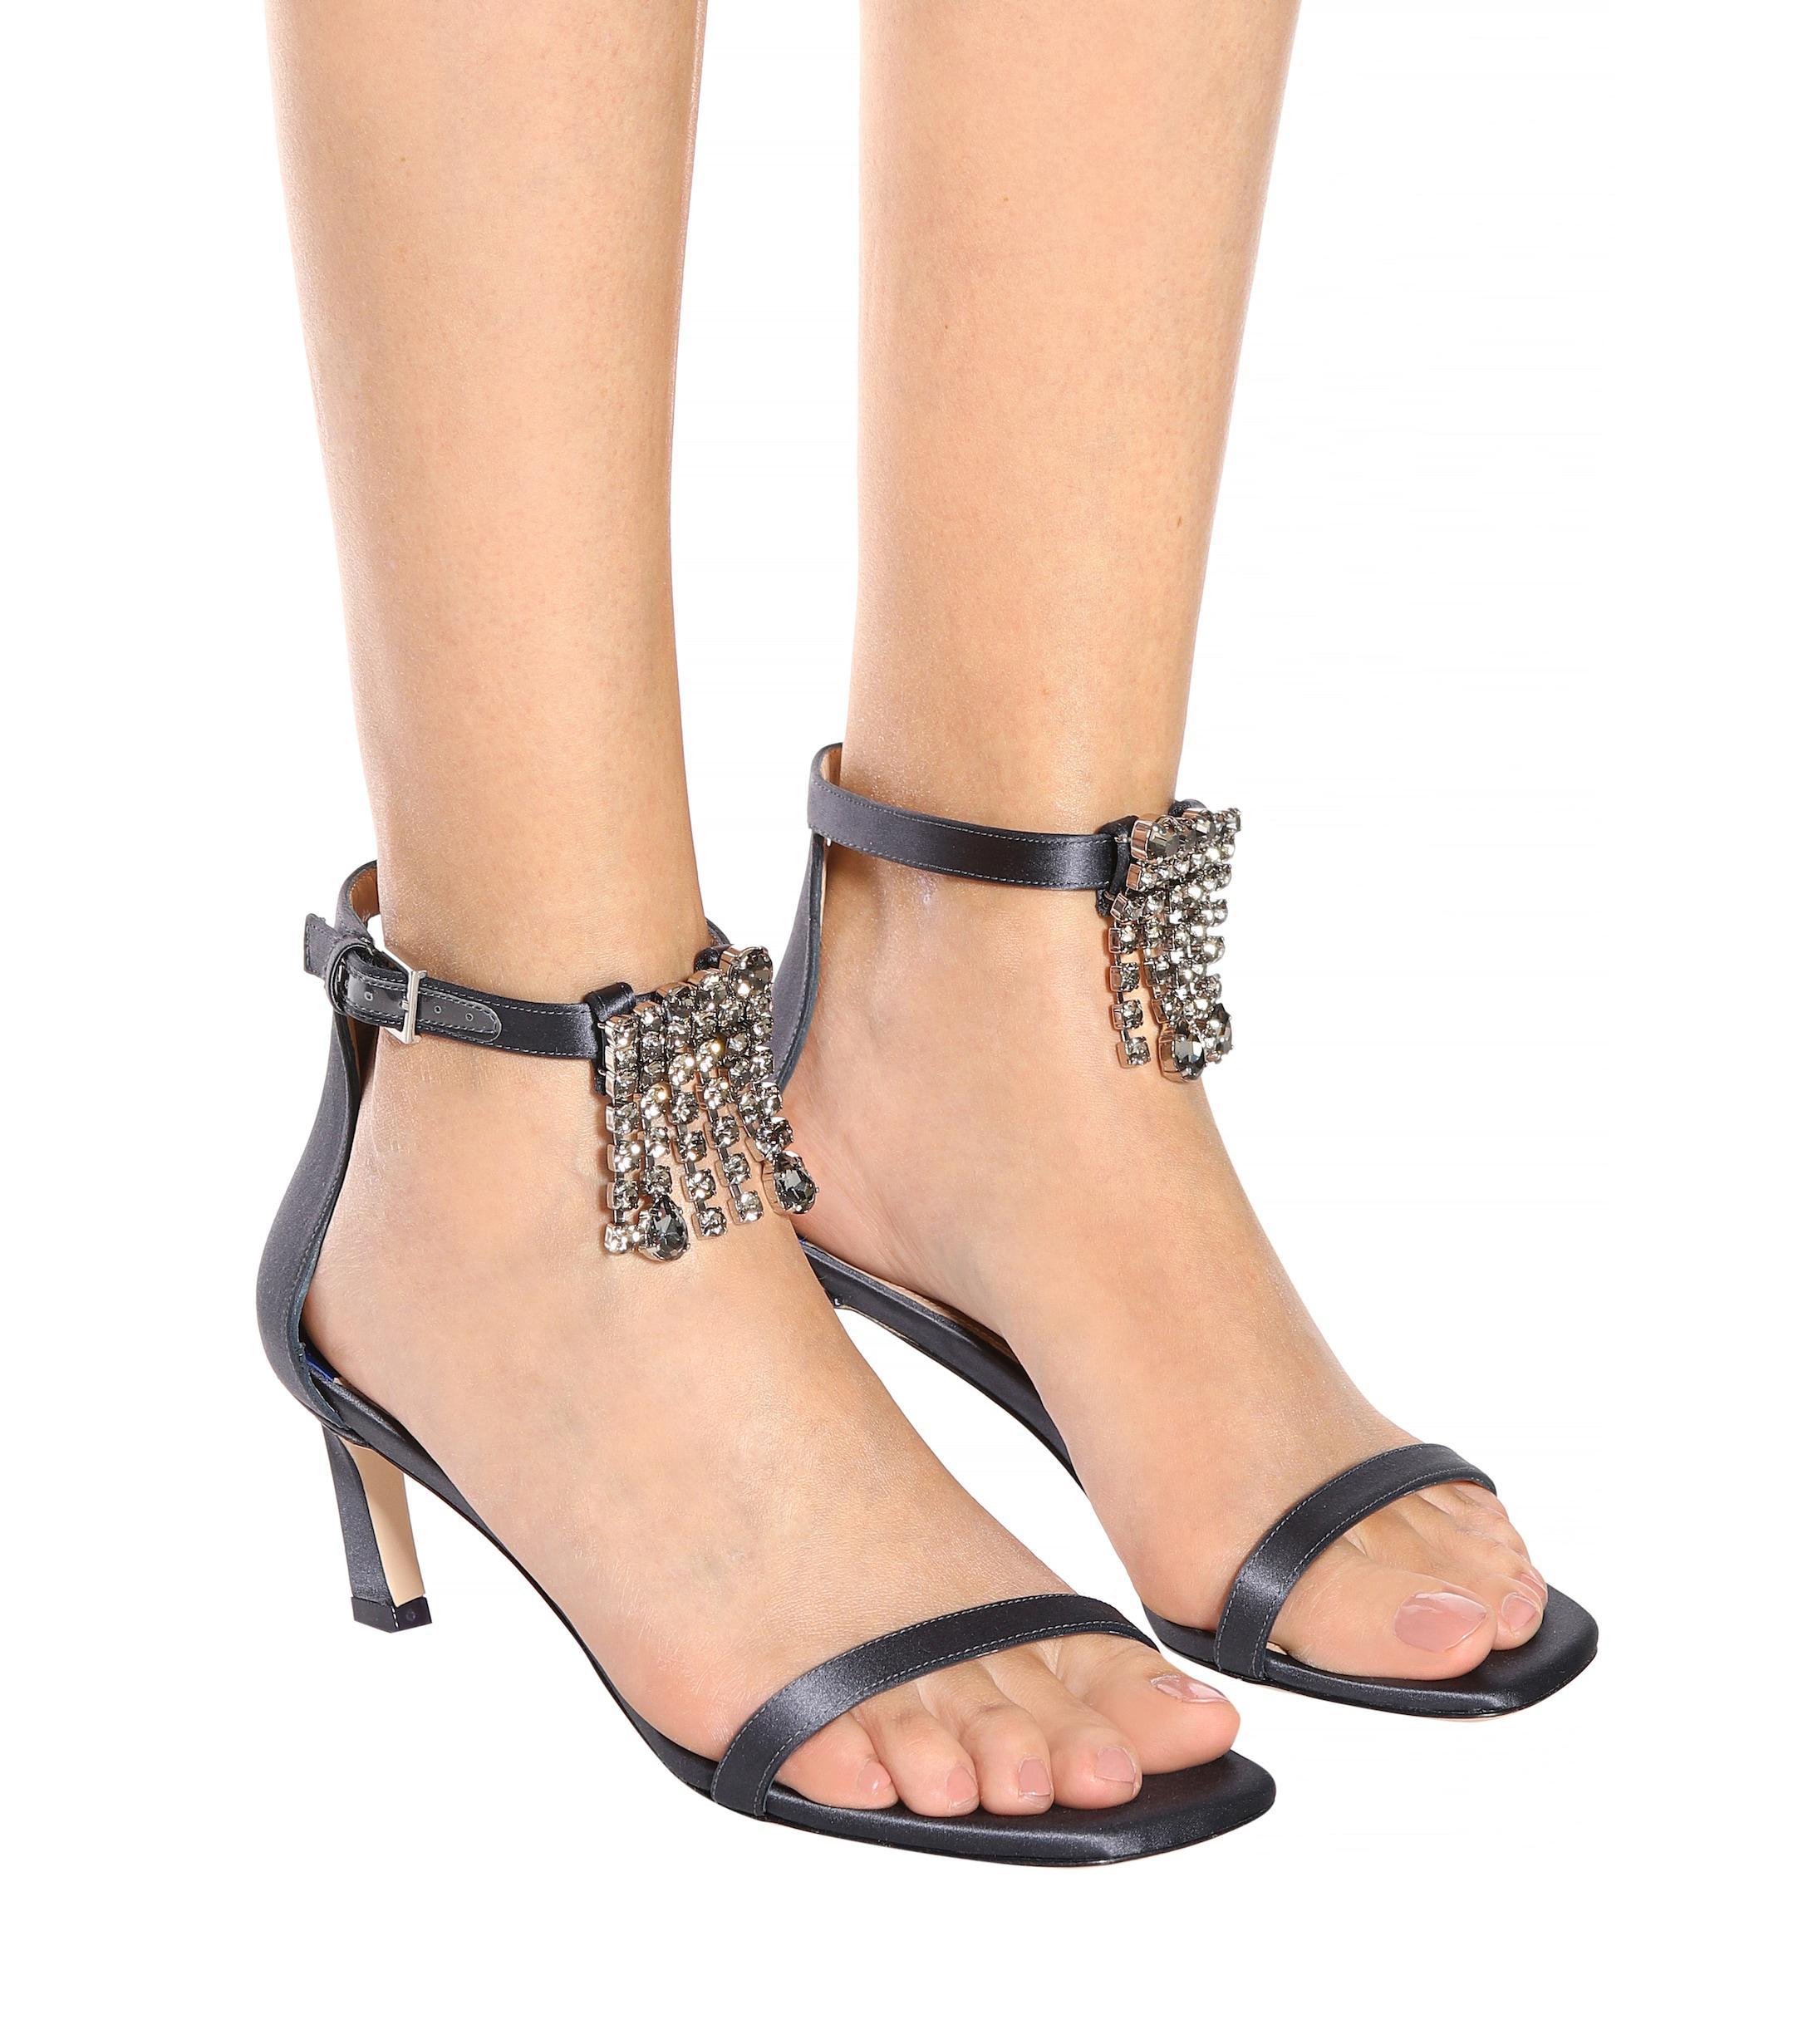 Stuart Weitzman - Simple patent leather sandals - sandals